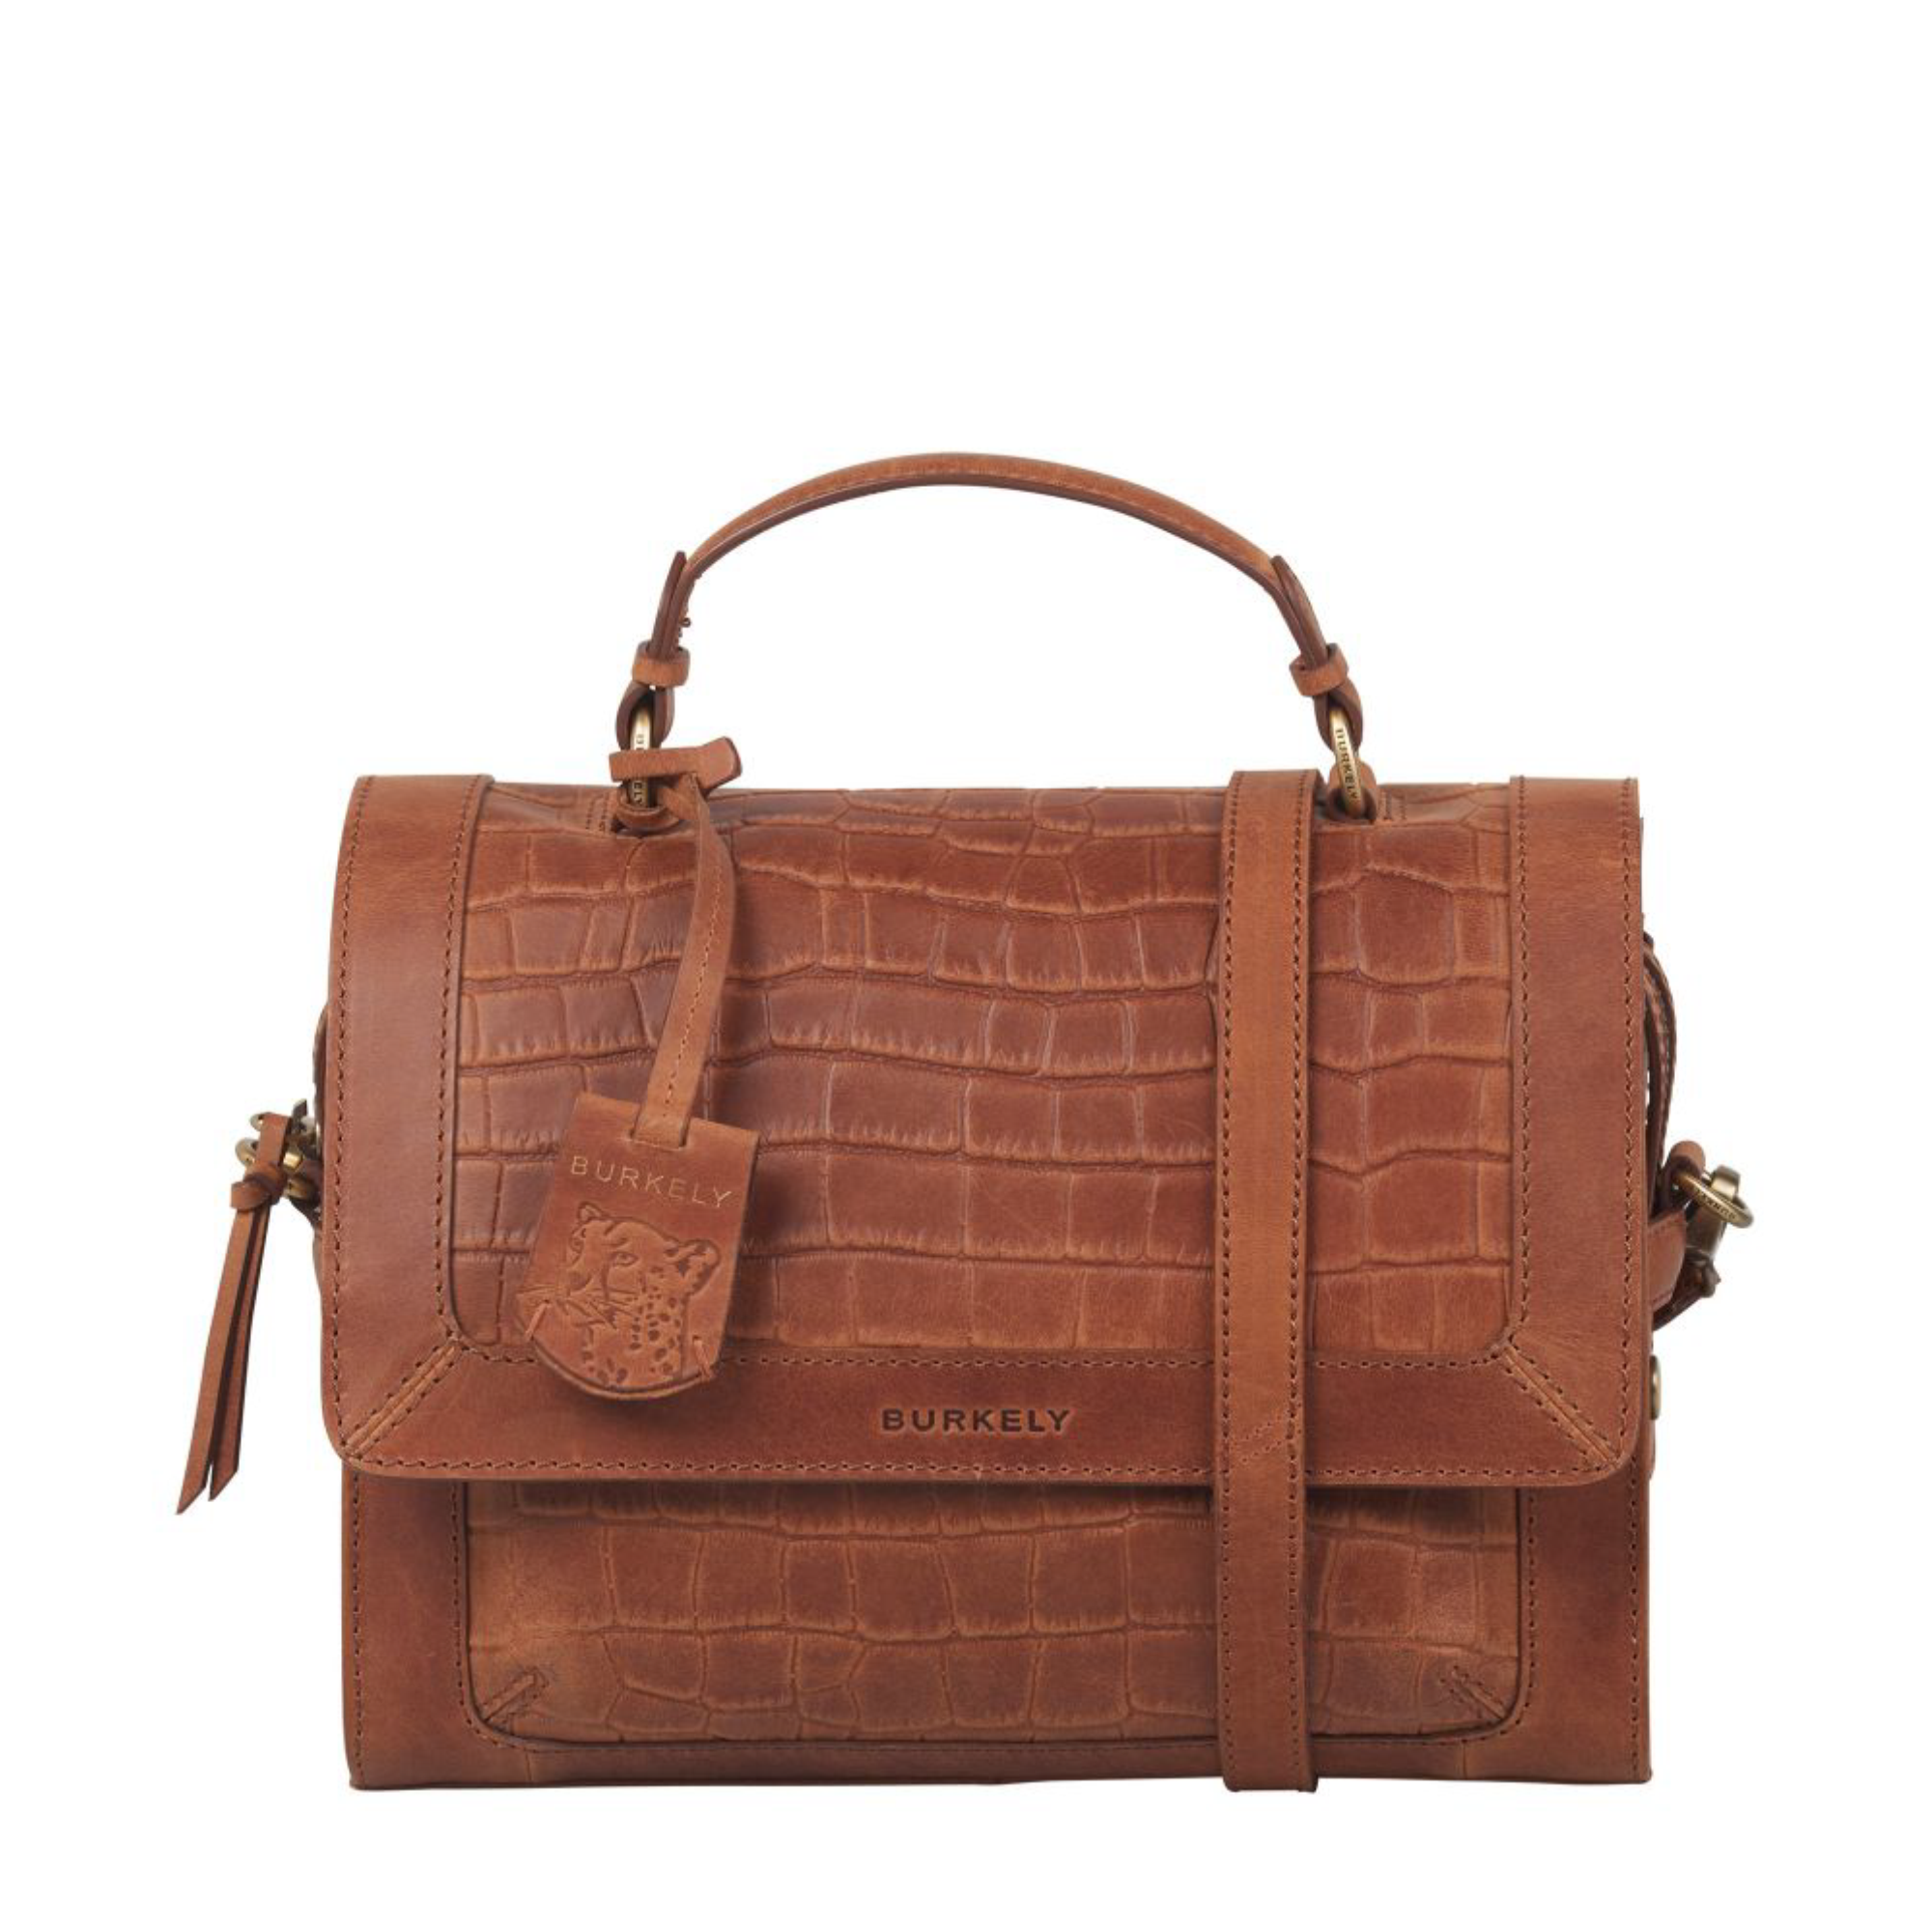 Burkely 1000124 Citybag 29.24 Cognac